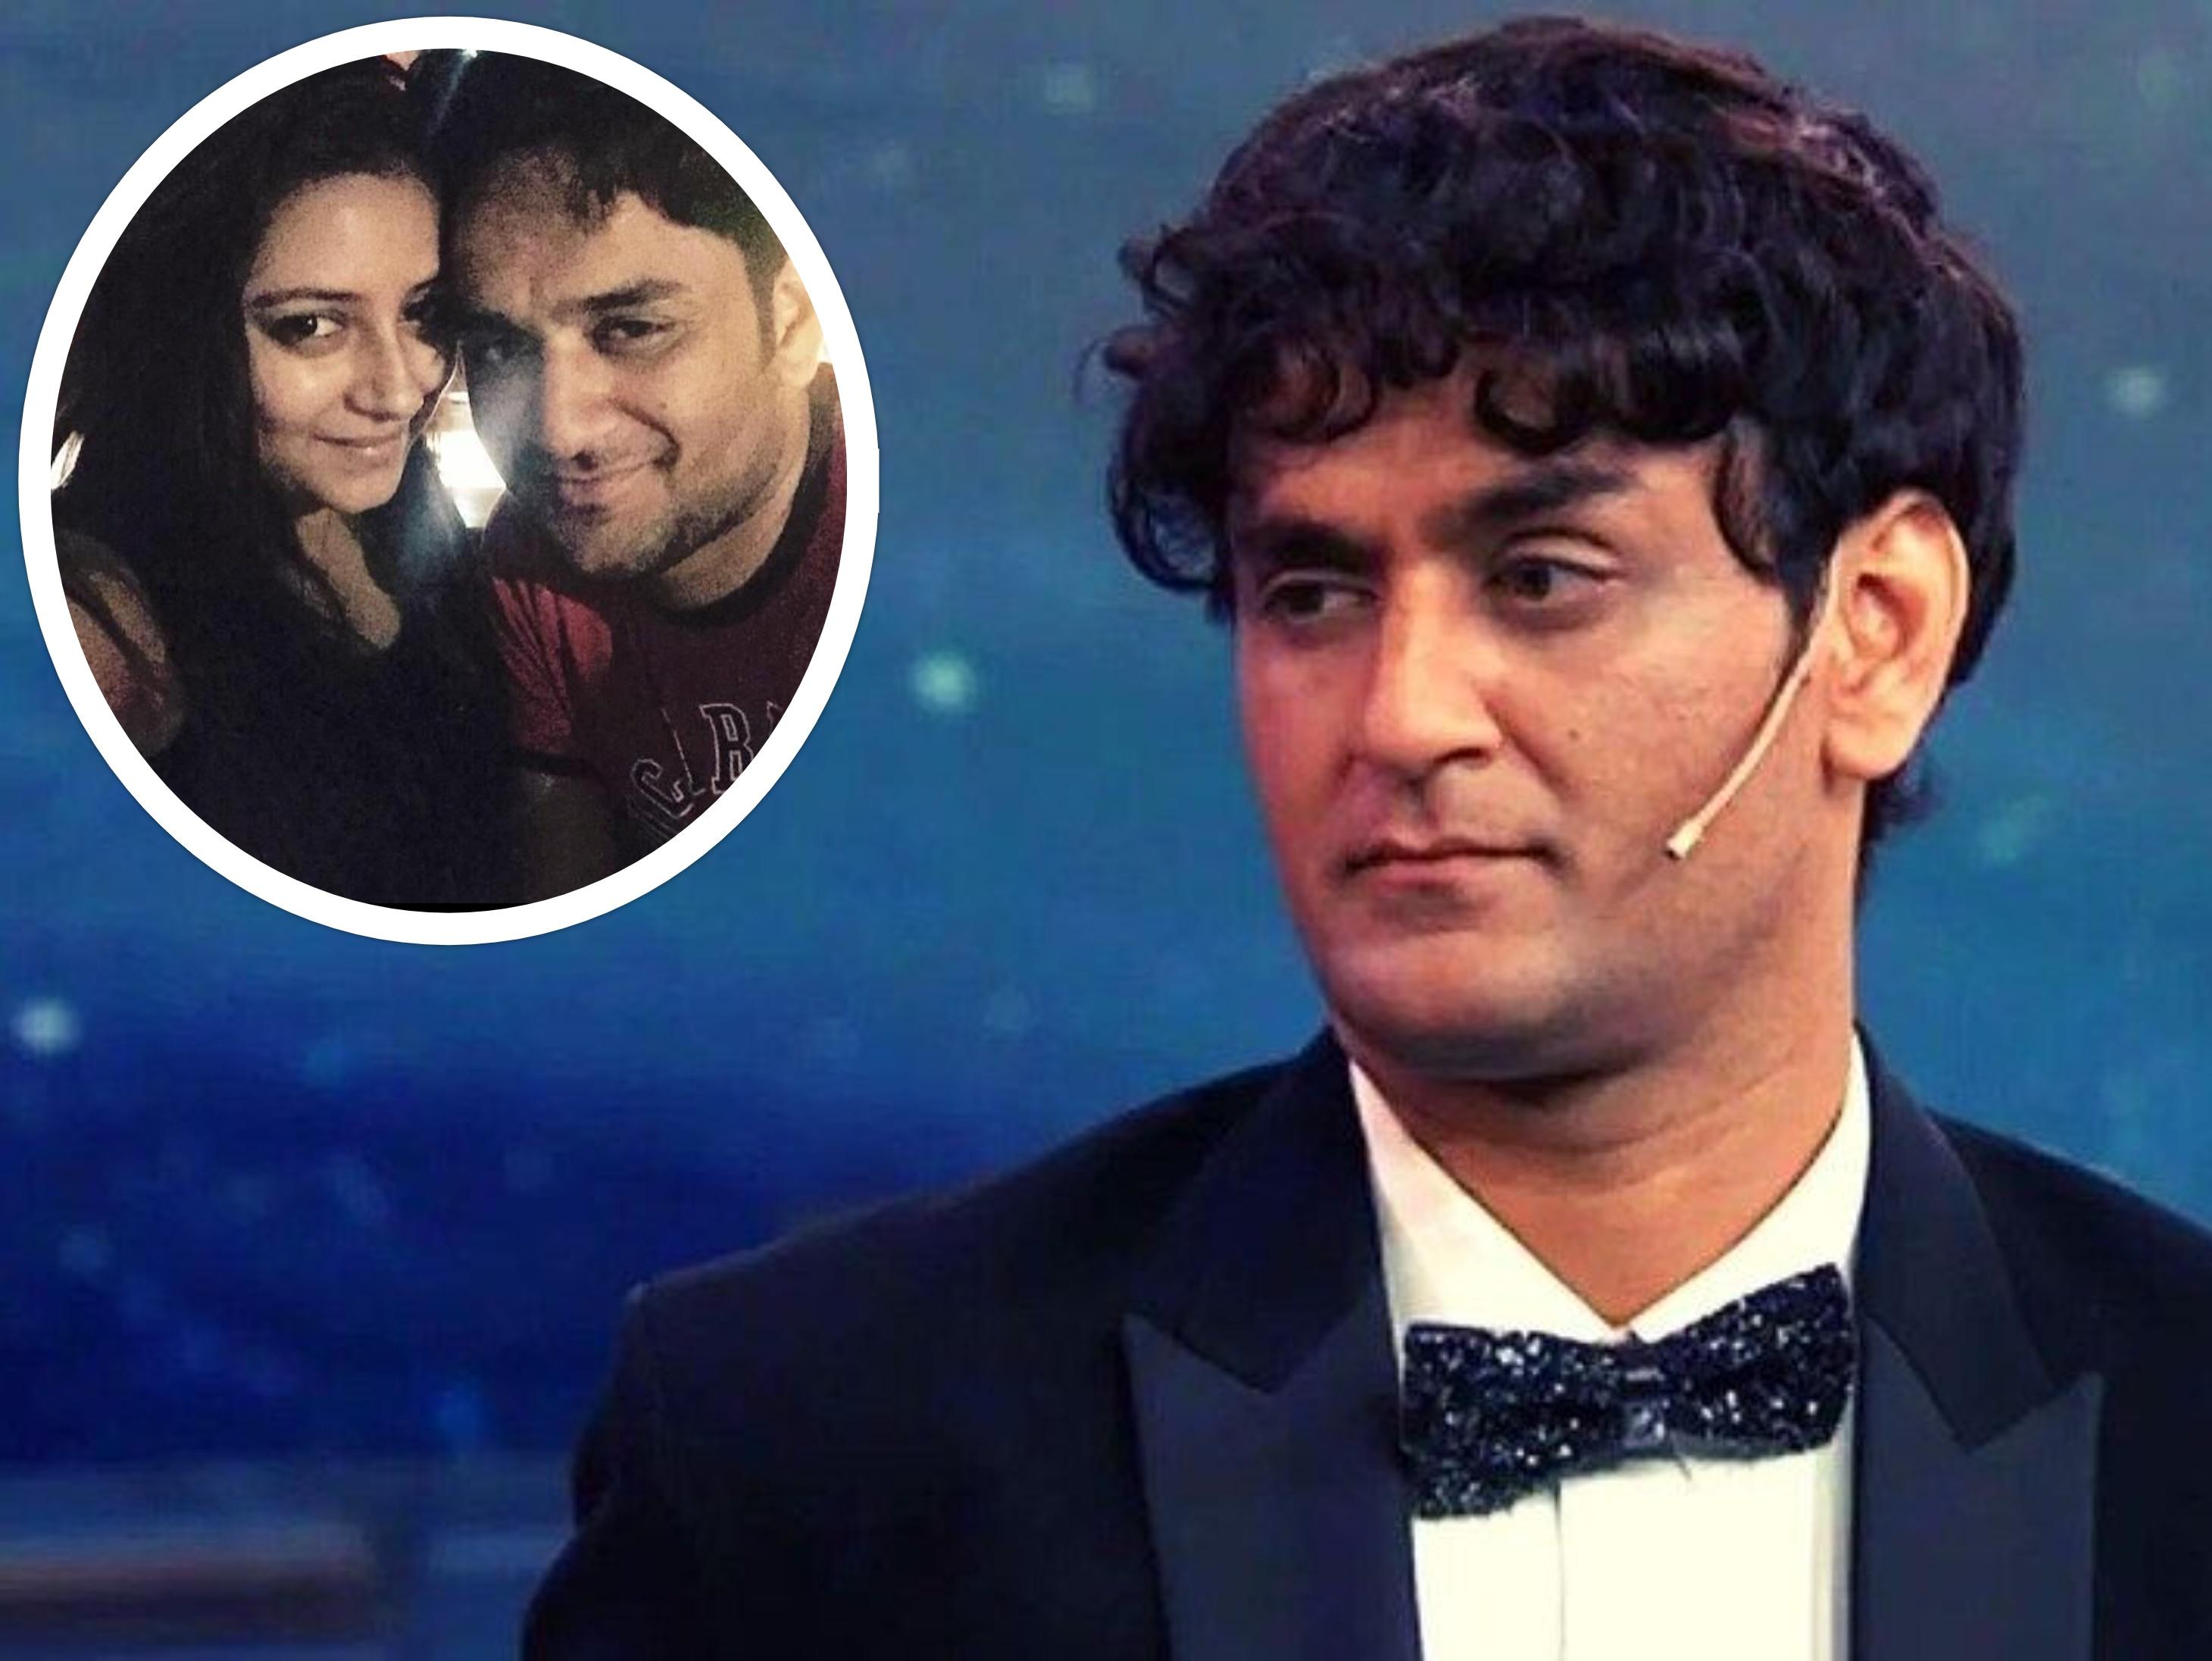 Vikas Gupta disclosed he was in relationship with Balika Vadhu fame late actress Pratyusha Banerjee for a while | विकास गुप्ता बोले- प्रत्यूषा बनर्जी के साथ रिलेशनशिप में था लेकिन उसे मेरे बायसेक्सुअल होने का पता ब्रेकअप के बाद चला